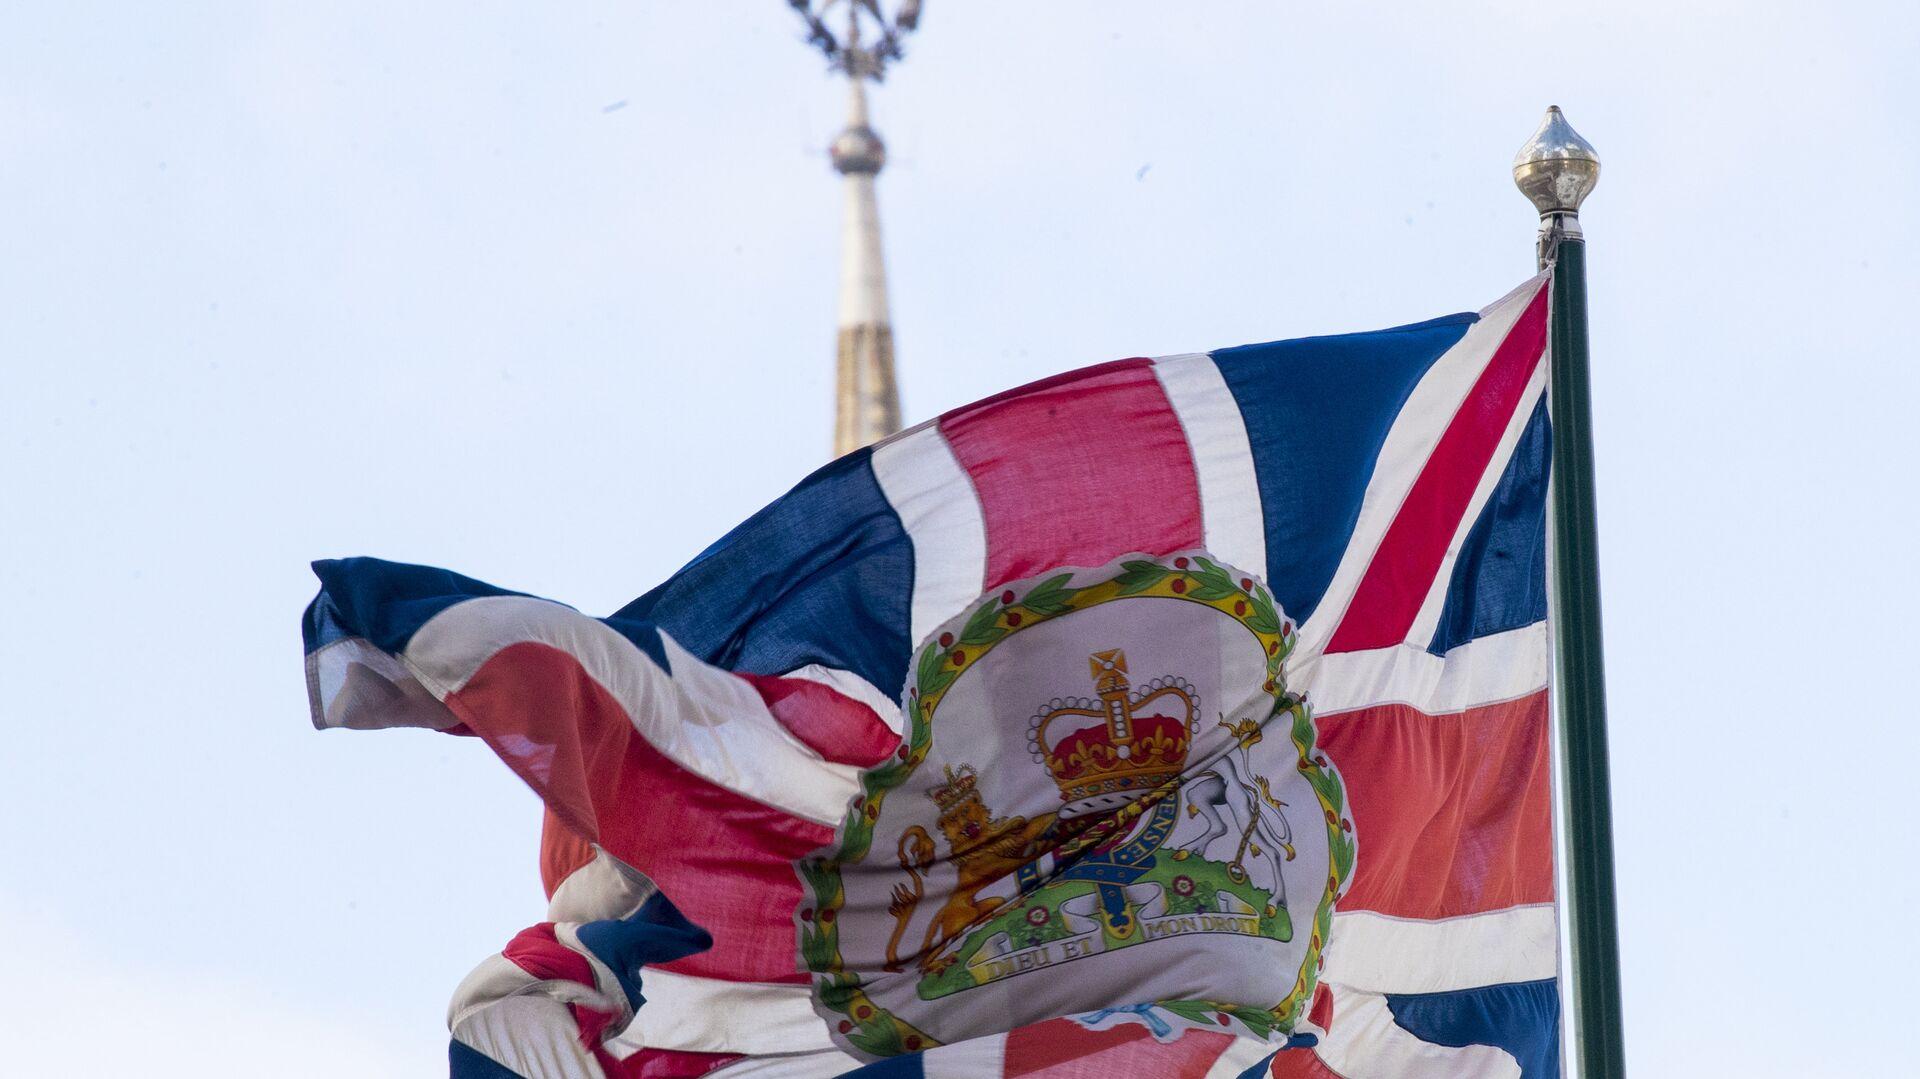 La bandera del Reino Unido en la Embajada británica en Moscú - Sputnik Mundo, 1920, 26.04.2021